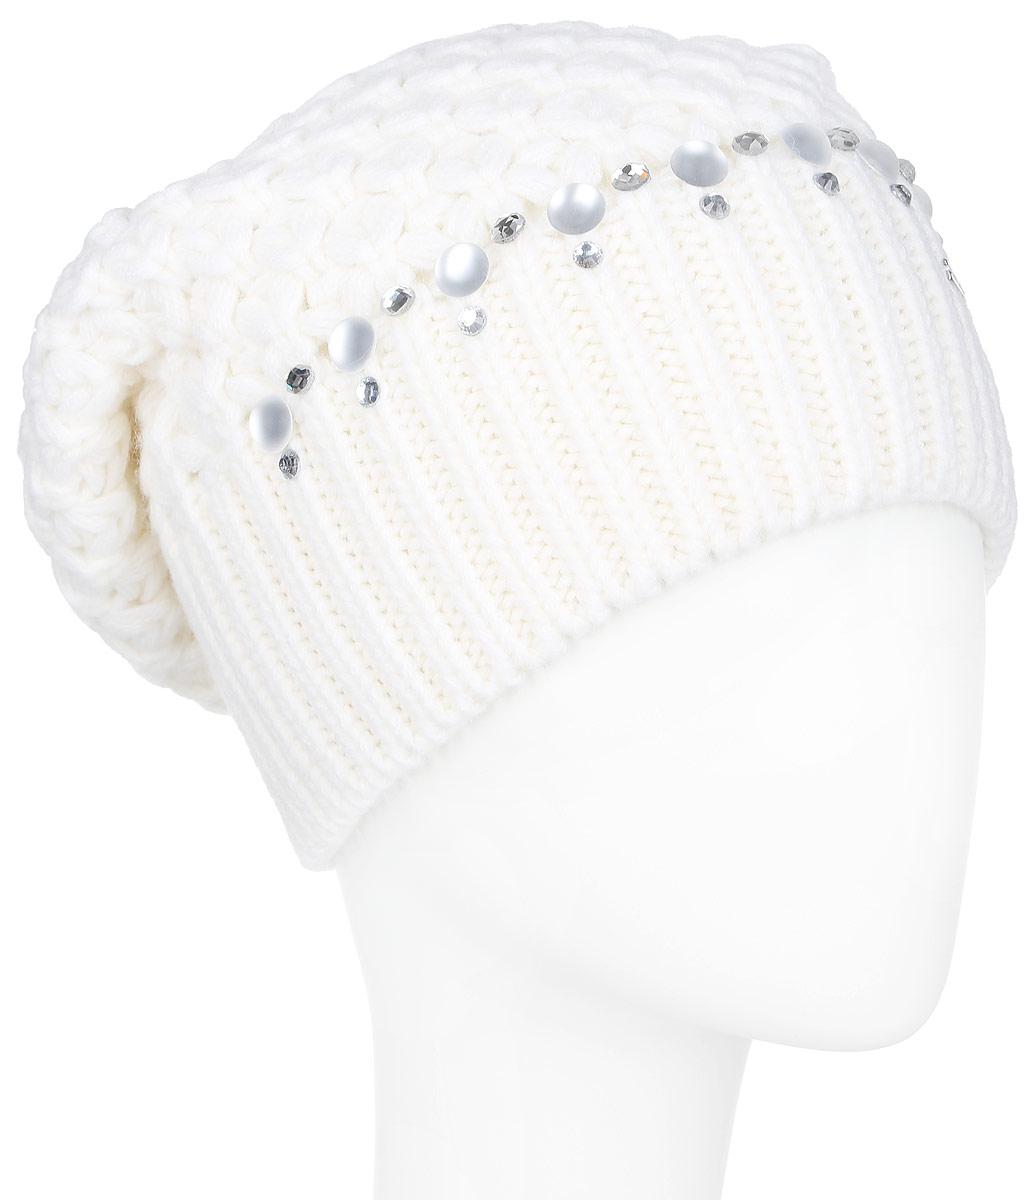 ШапкаA16-11150_201Стильная женская шапка Finn Flare дополнит ваш наряд и не позволит вам замерзнуть в холодное время года. Шапка выполнена из высококачественной пряжи, что позволяет ей великолепно сохранять тепло и обеспечивает высокую эластичность и удобство посадки. Модель оформлена кристаллами, пластиковыми полубусинами и металлической нашивкой с названием бренда. Такая шапка станет модным и стильным дополнением вашего гардероба. Она согреет вас и позволит подчеркнуть свою индивидуальность!